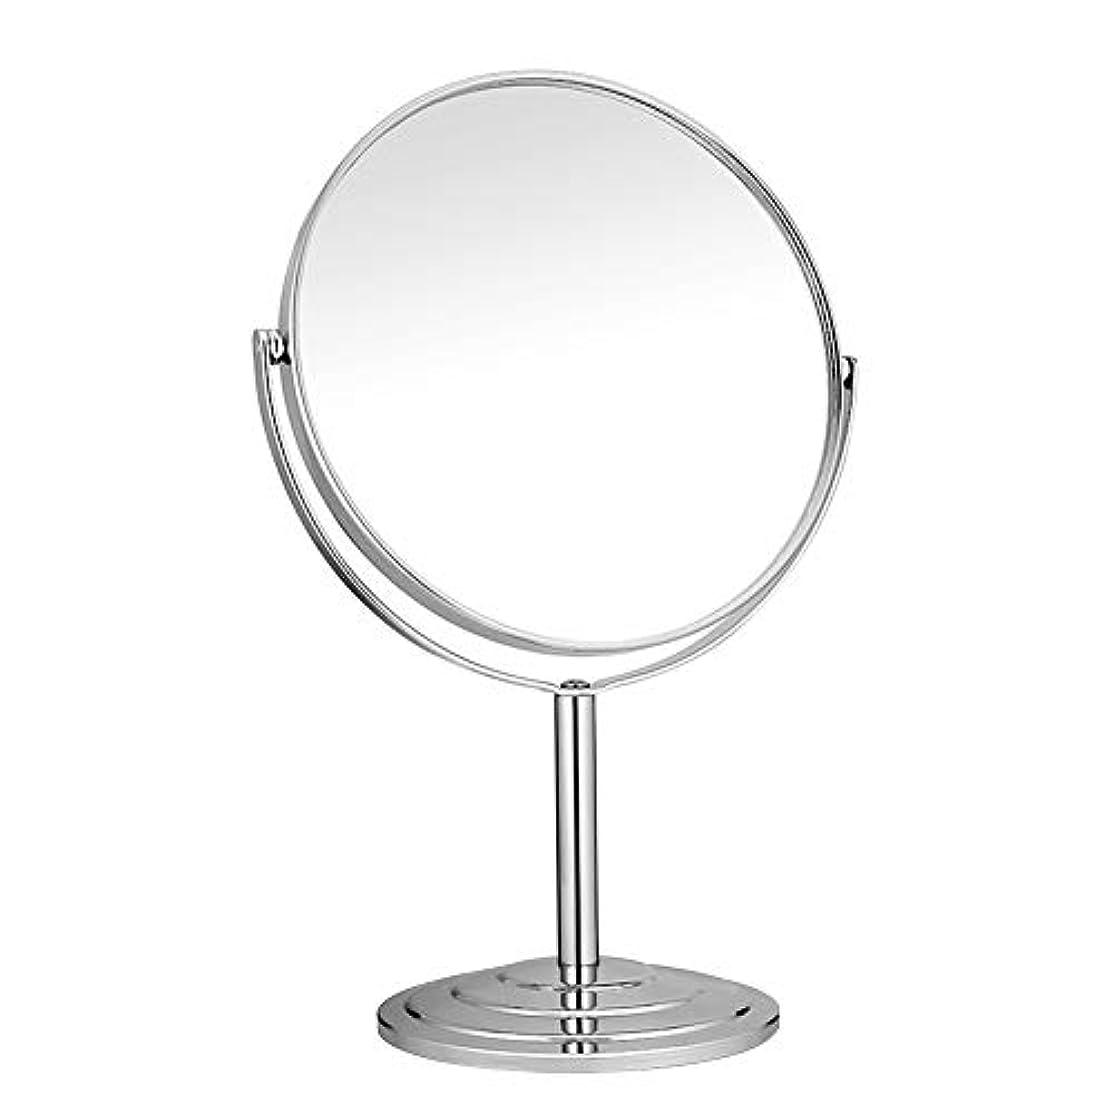 スツール共産主義音RAAKIMO 卓上化粧鏡 メイクミラー 3倍拡大鏡+等倍鏡 両面型 スタンド 360度回転 シルバー (鏡面15cm)